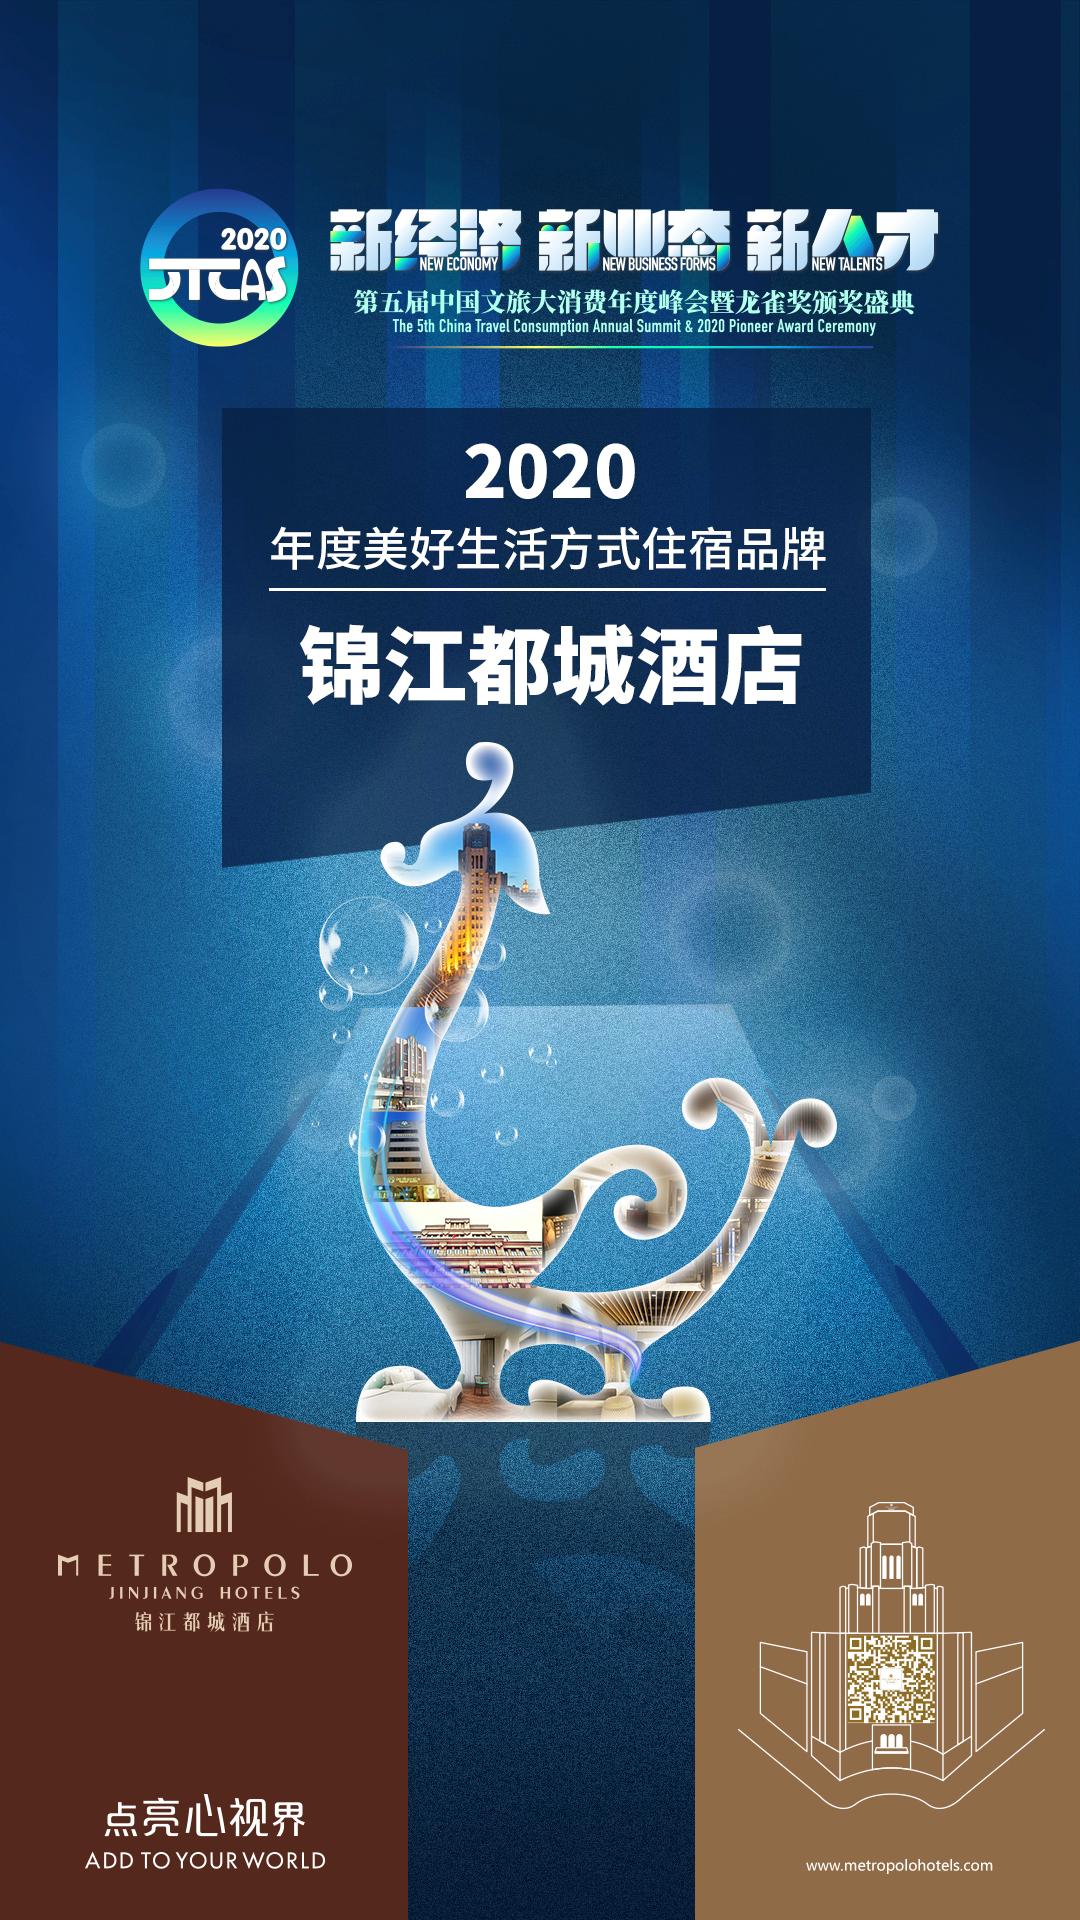 探索文旅美好生活丨锦江都城酒店获市场认可